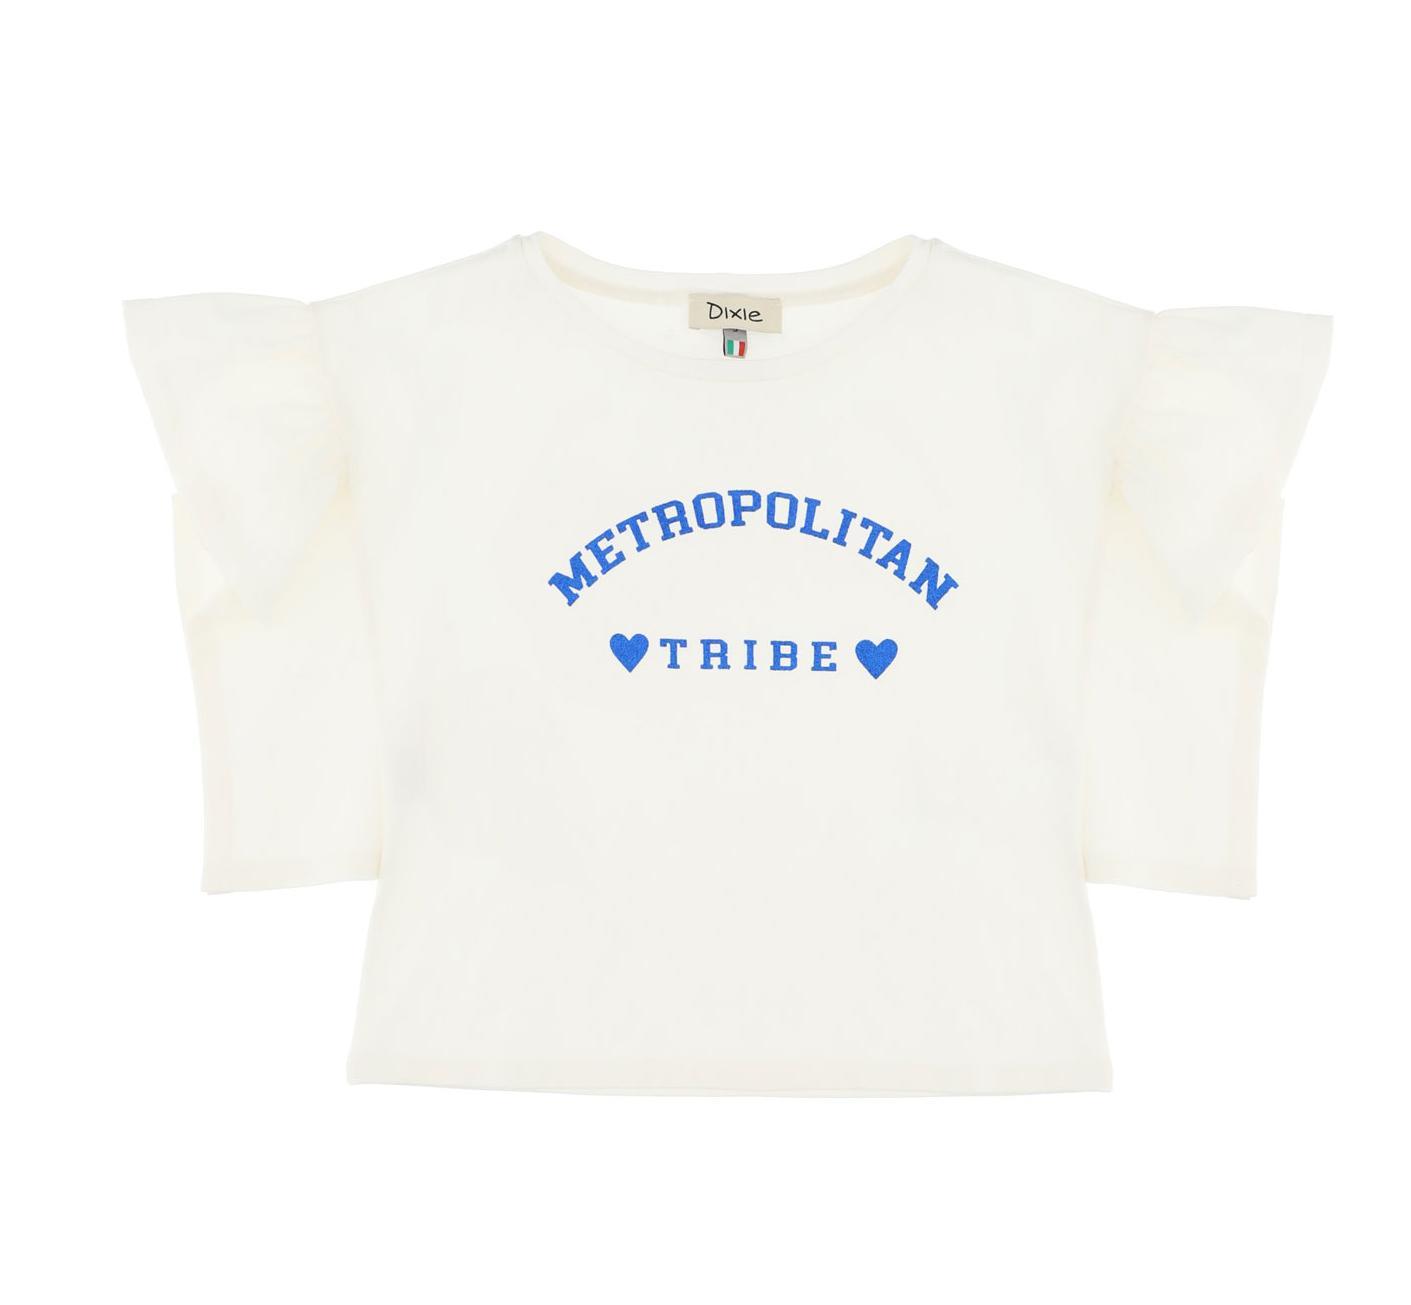 Camiseta escote redondo de Clotina Moda Infantil